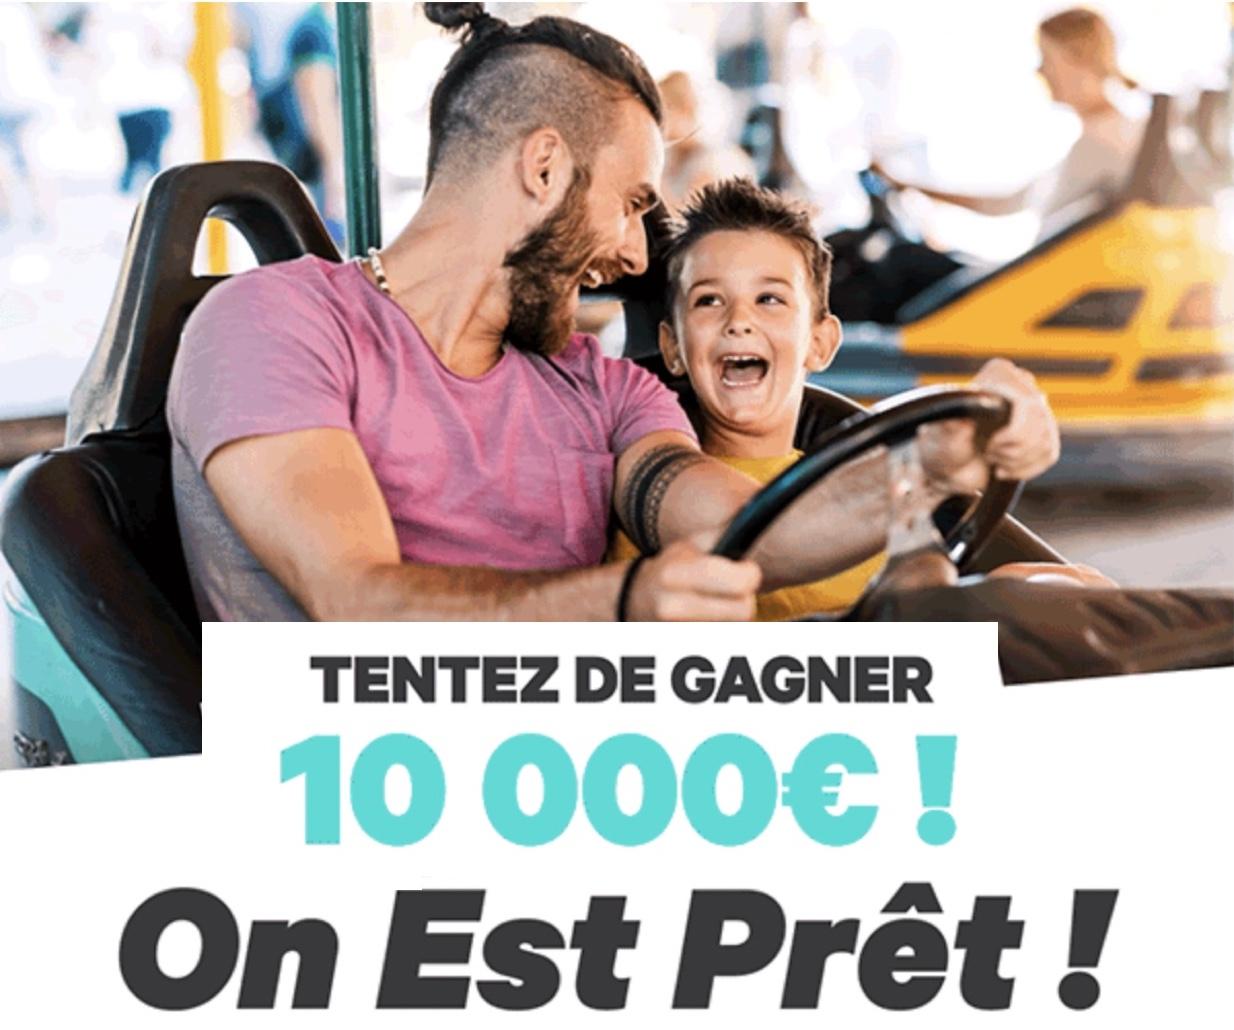 Code promo Groupon : 1 chèque de 10 000€ et 4 bons d'achat Groupon de 1000€ à gagner